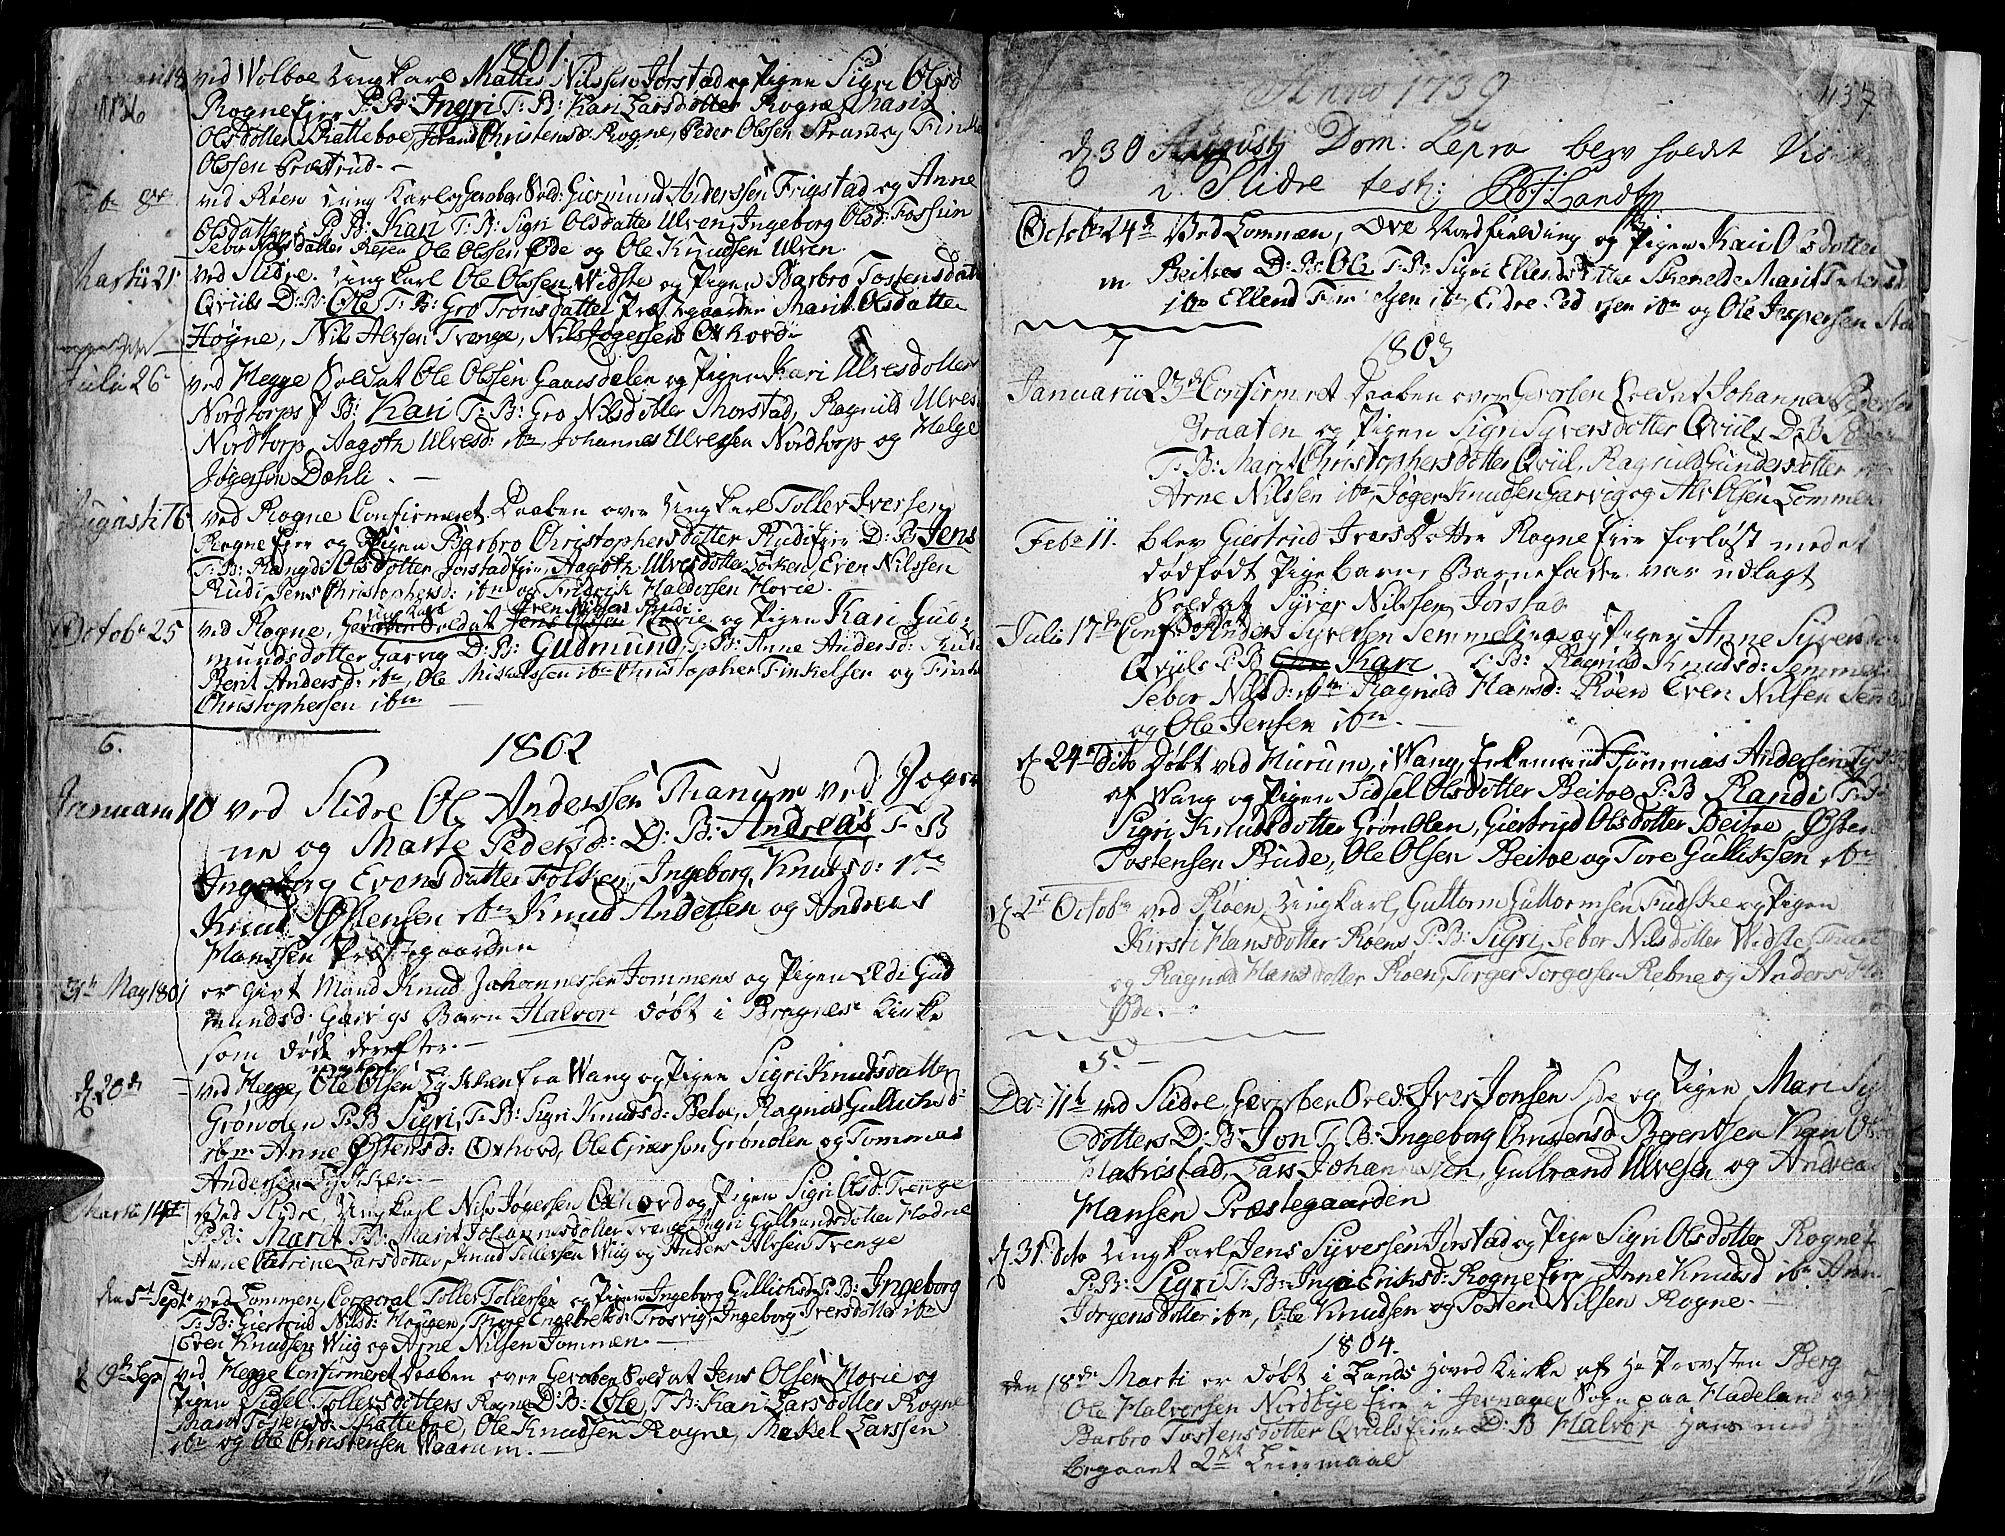 SAH, Slidre prestekontor, Ministerialbok nr. 1, 1724-1814, s. 1136-1137